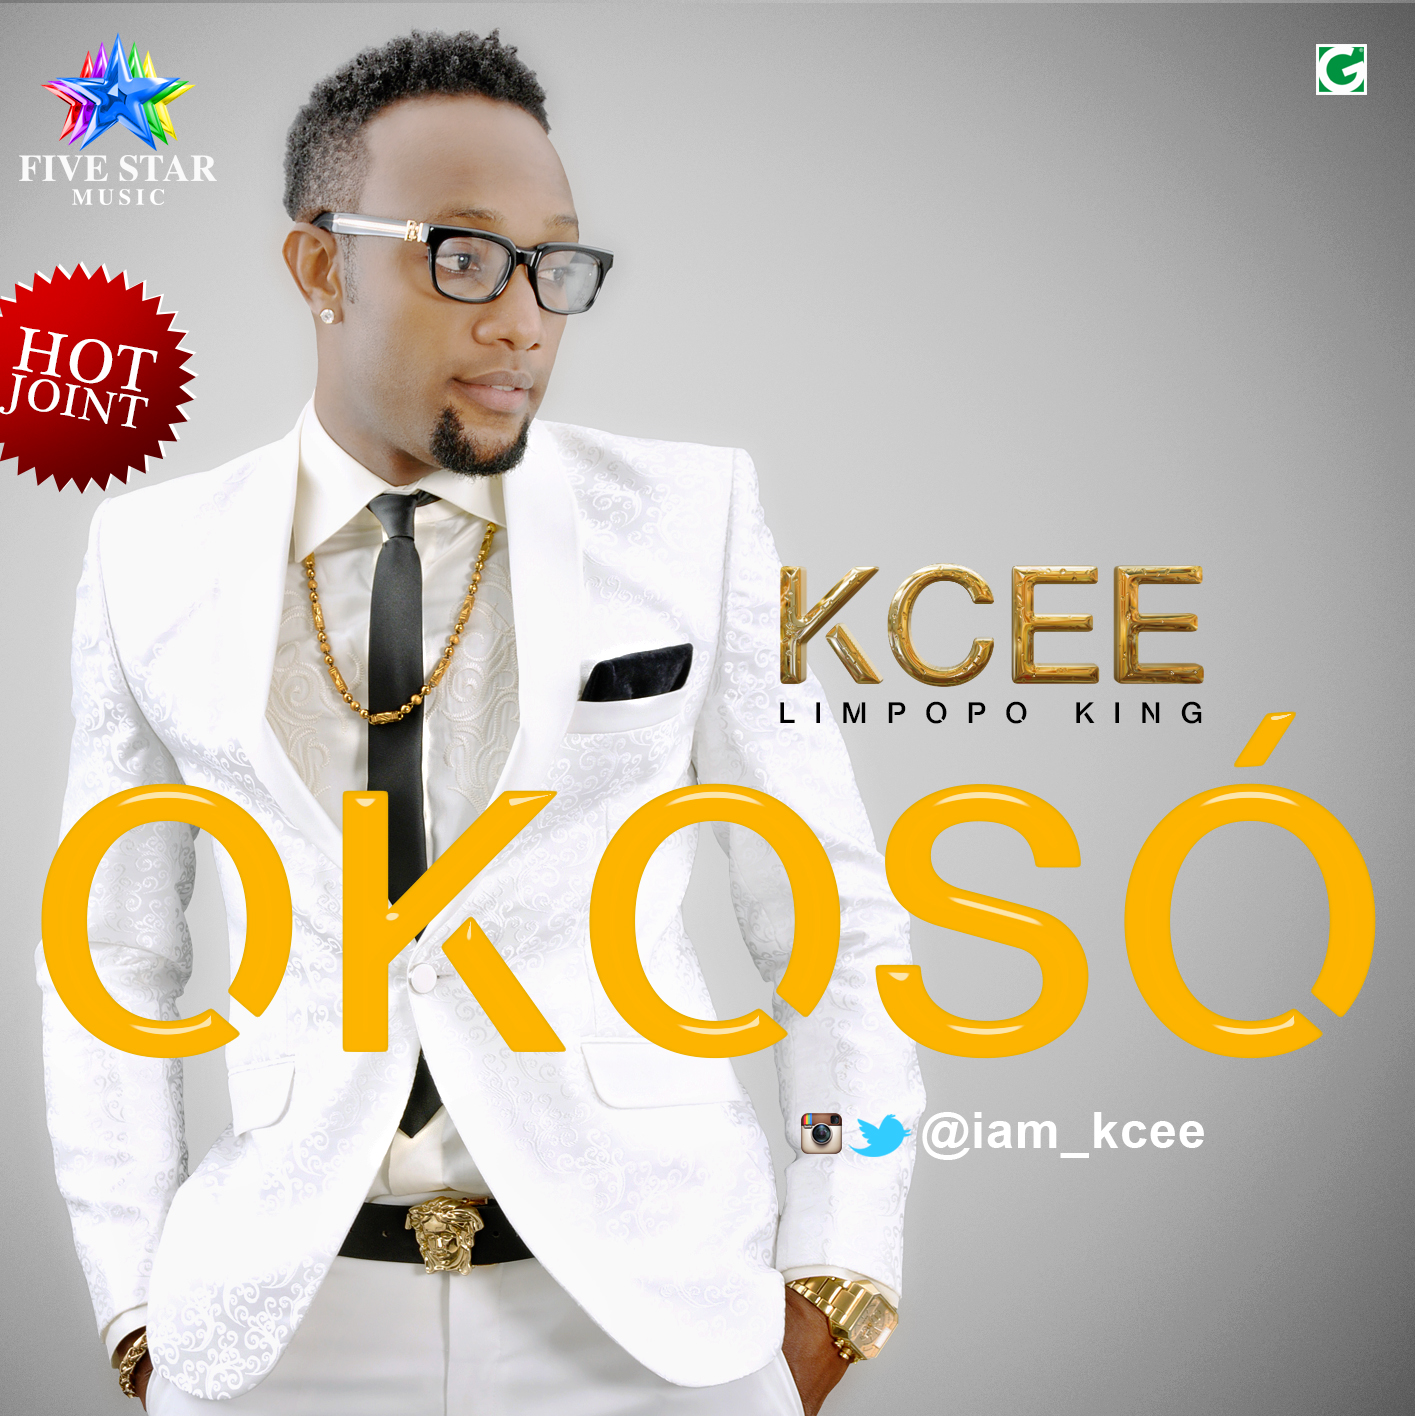 KCEE OKOSO cover 4 net